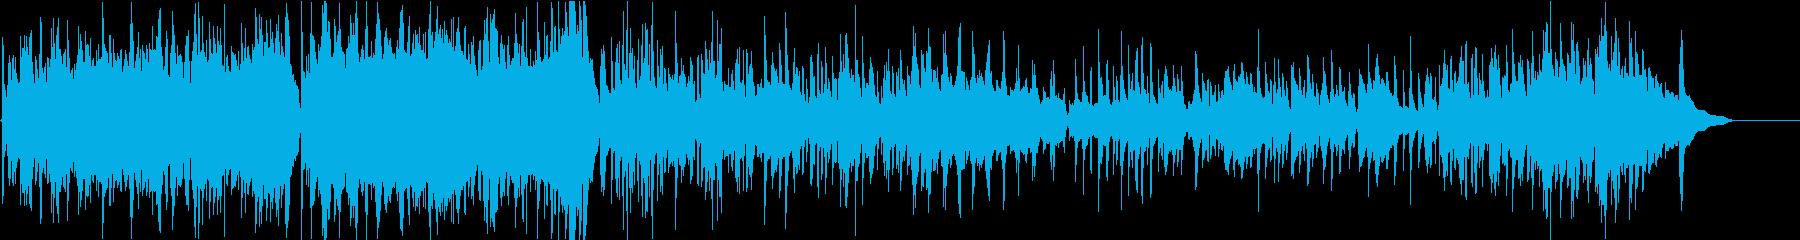 ギターソロの再生済みの波形